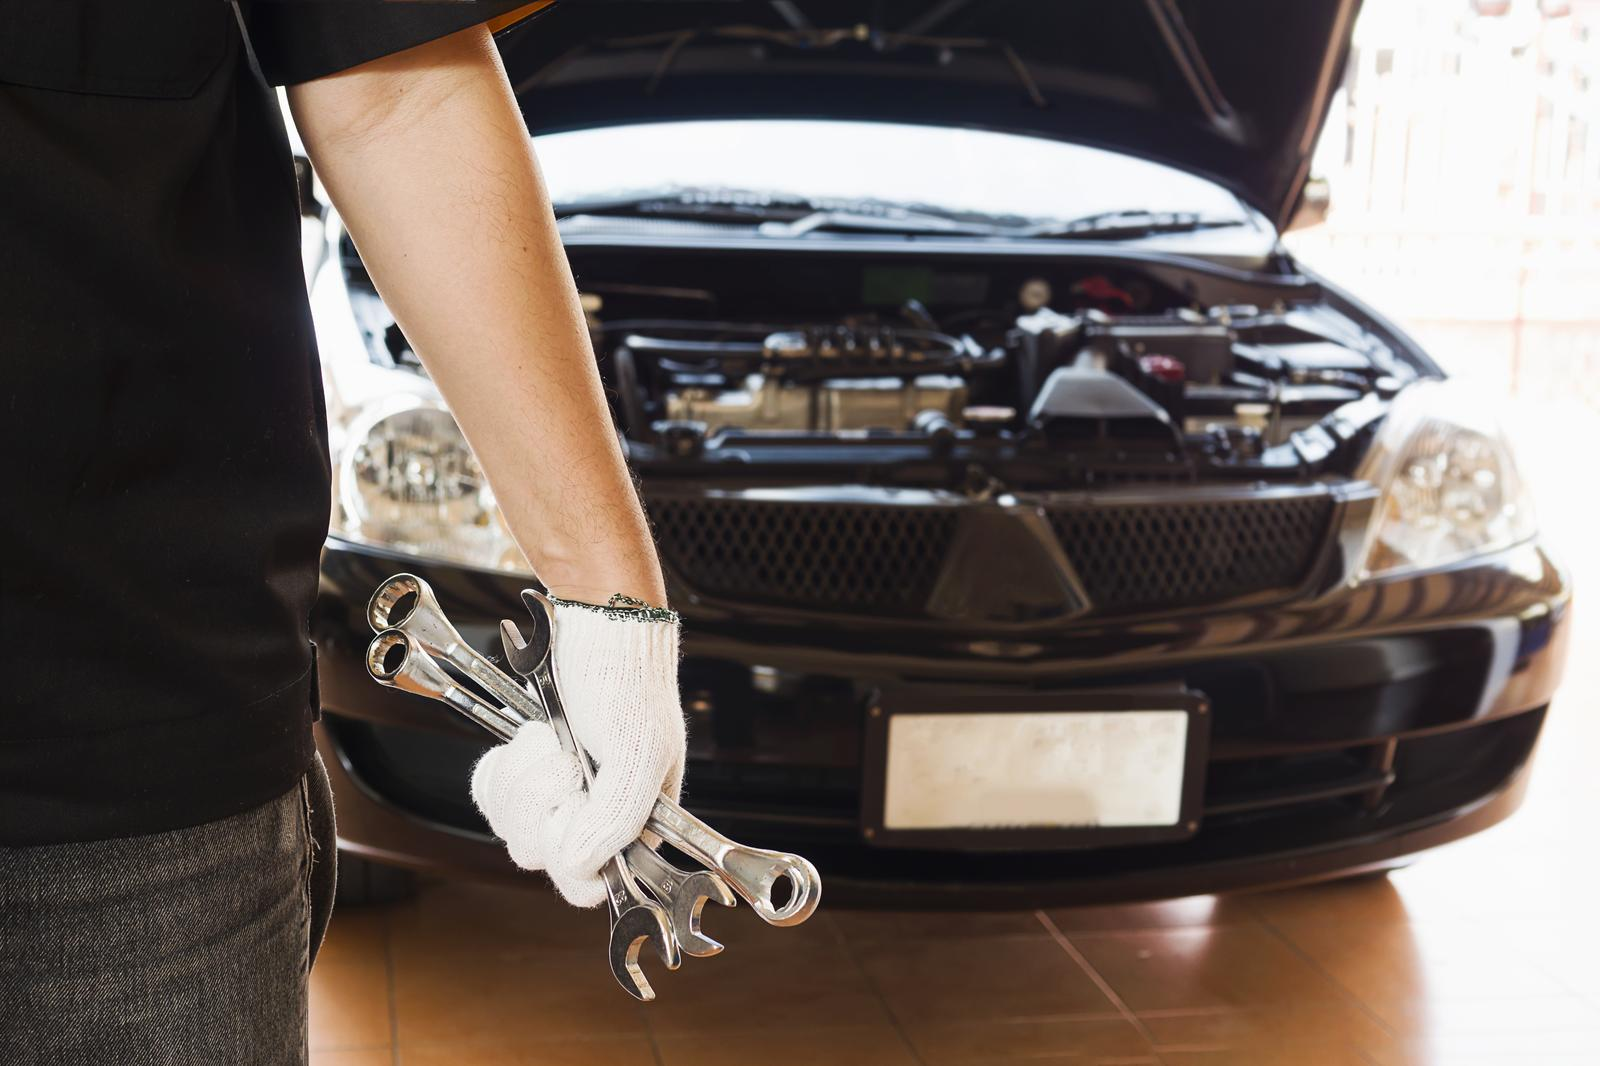 Maintenance and repair of motor vehicles in Narva